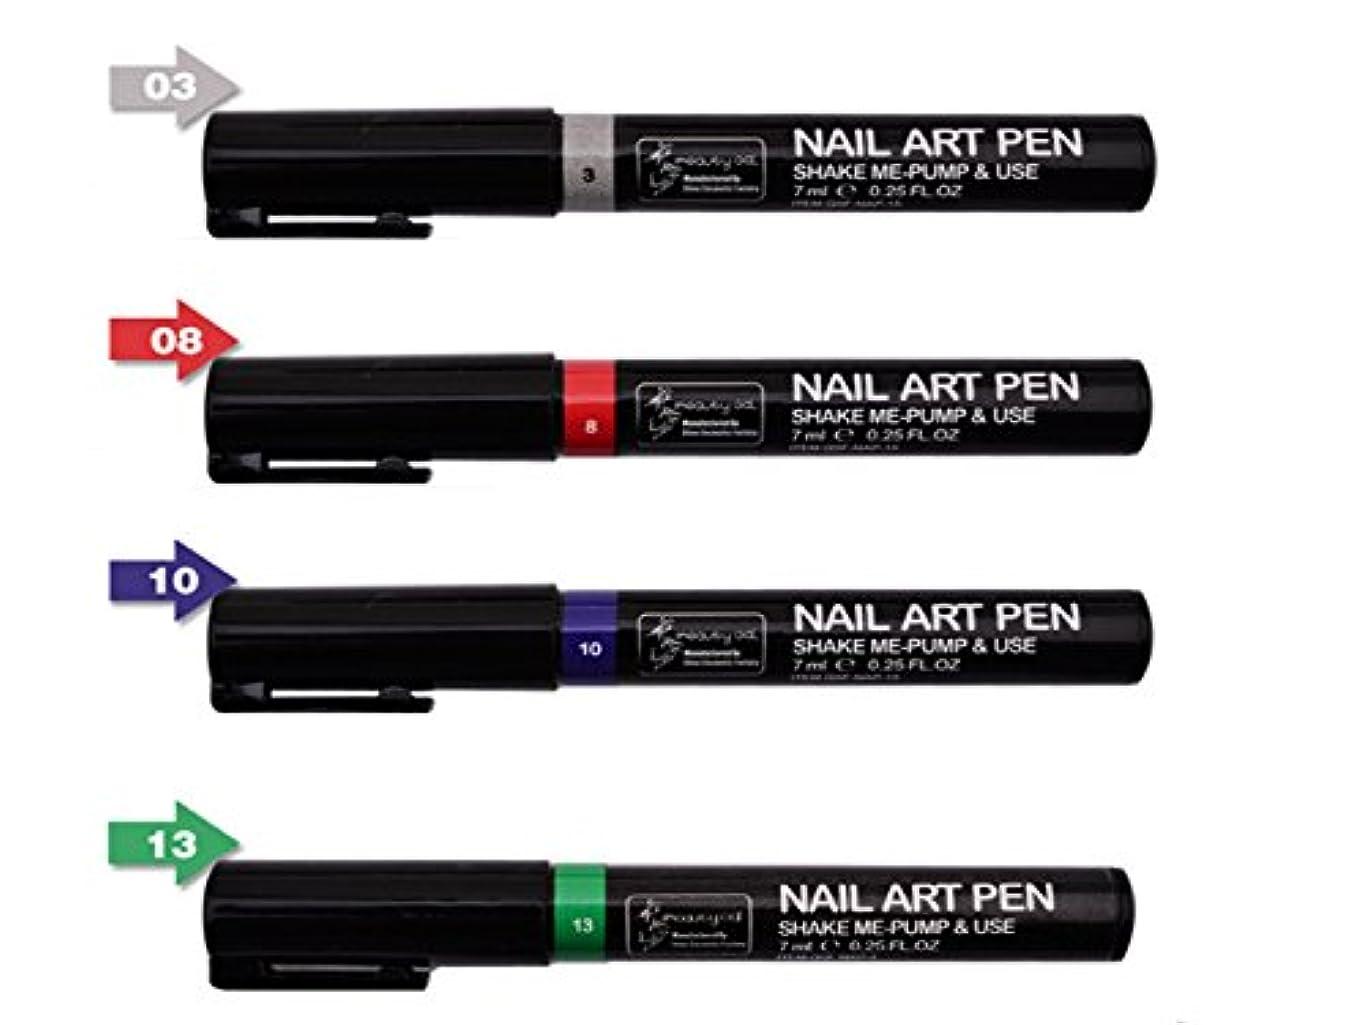 課す器用クラフトネイルアートツール3DペイントペンスタイリングドットペンシルネイルブラシDIYマニキュアペンネイルペイントペン (組み合わせ2)